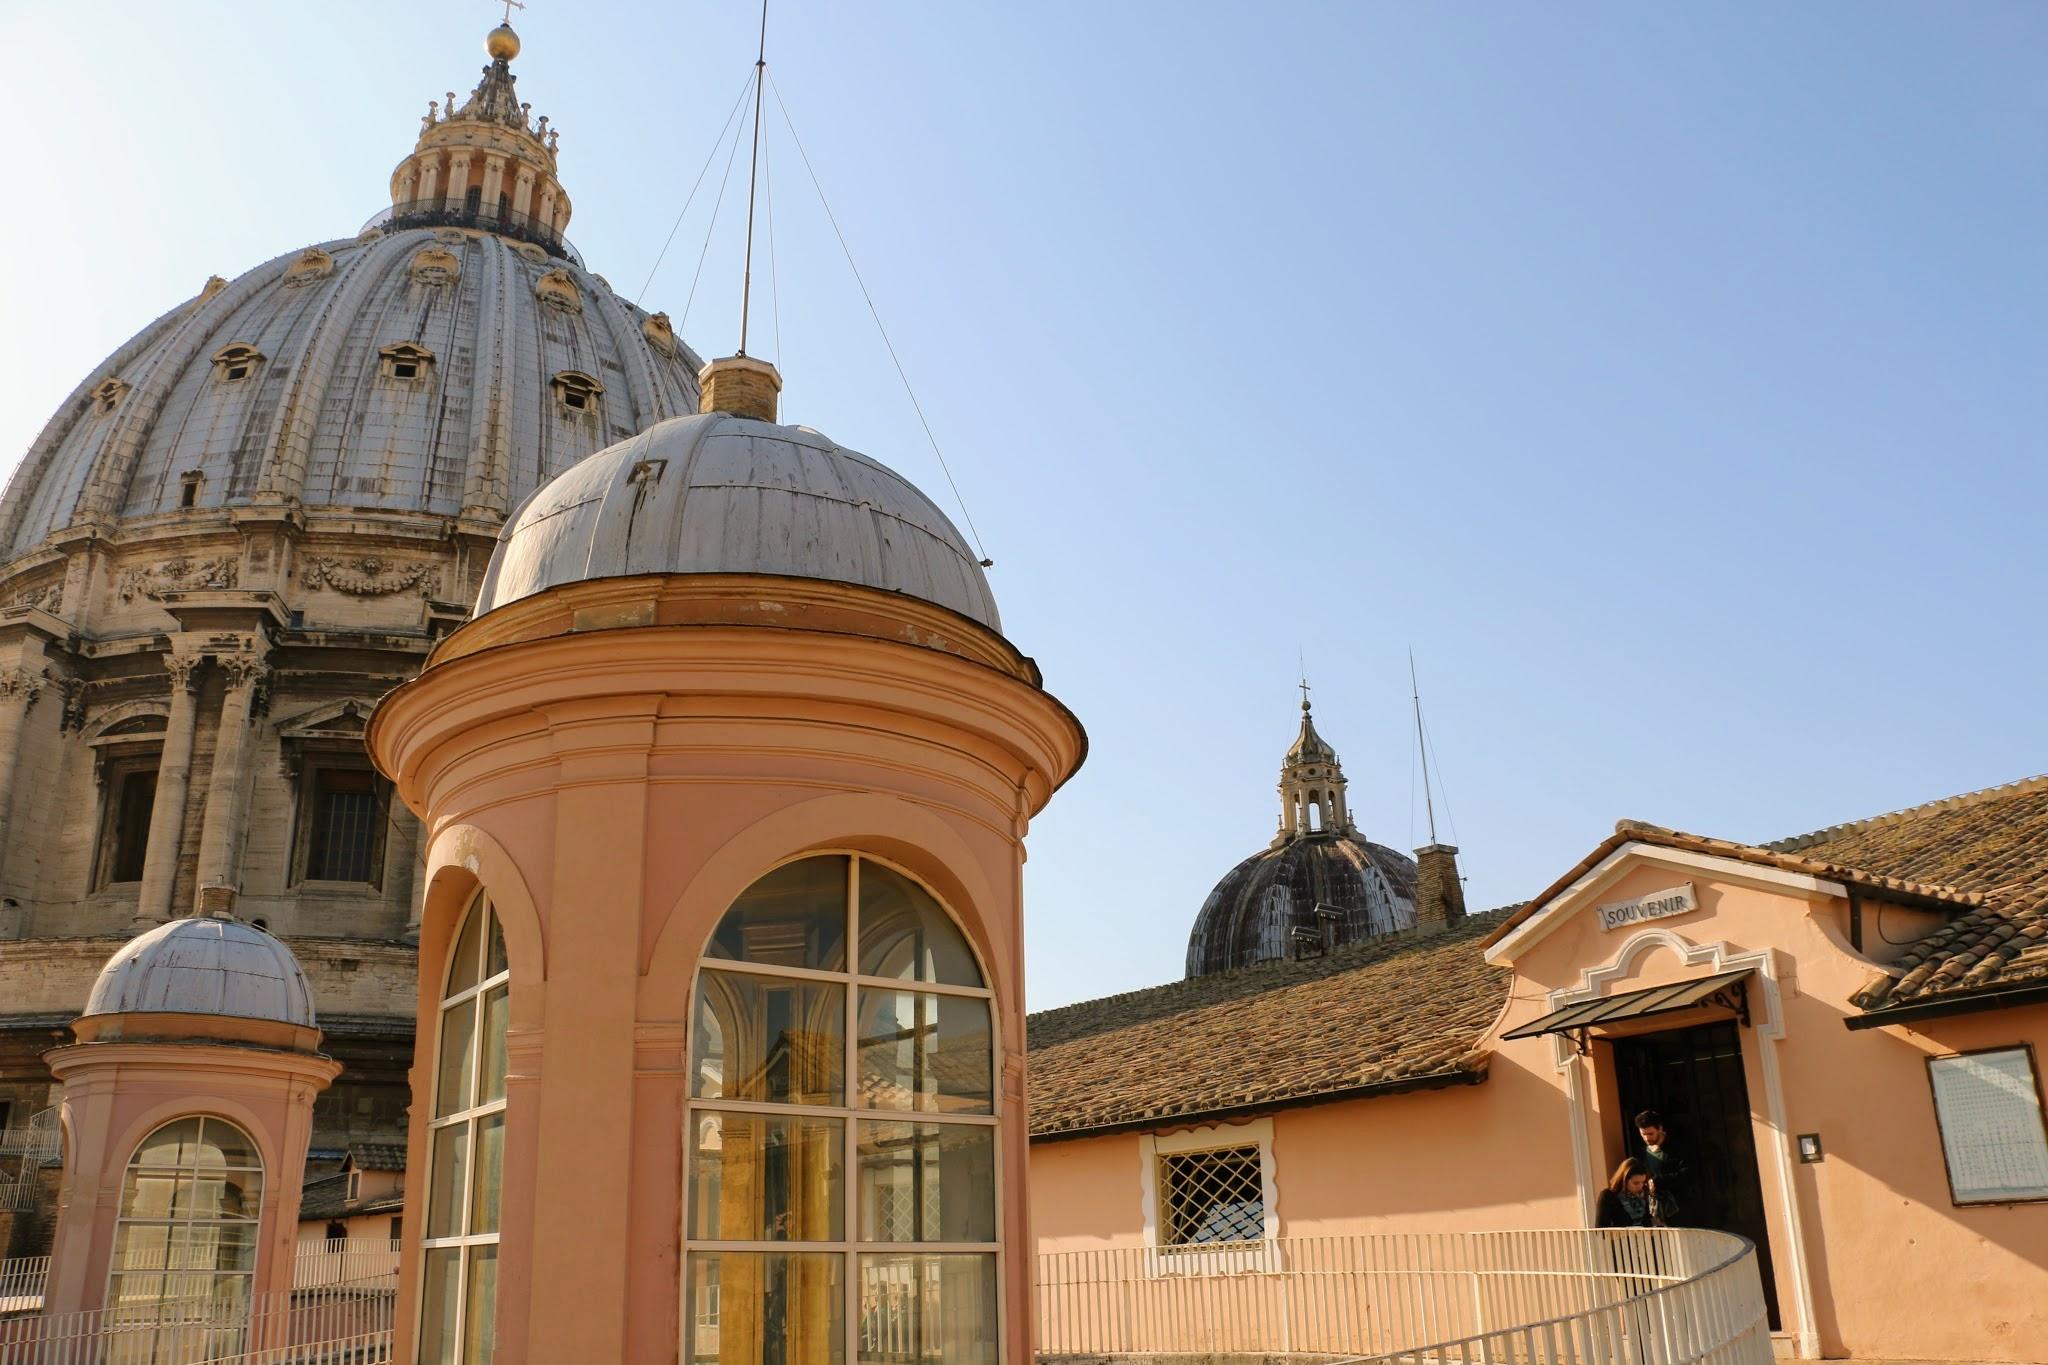 het dak van de Sint-Pietersbaseliek in Rome